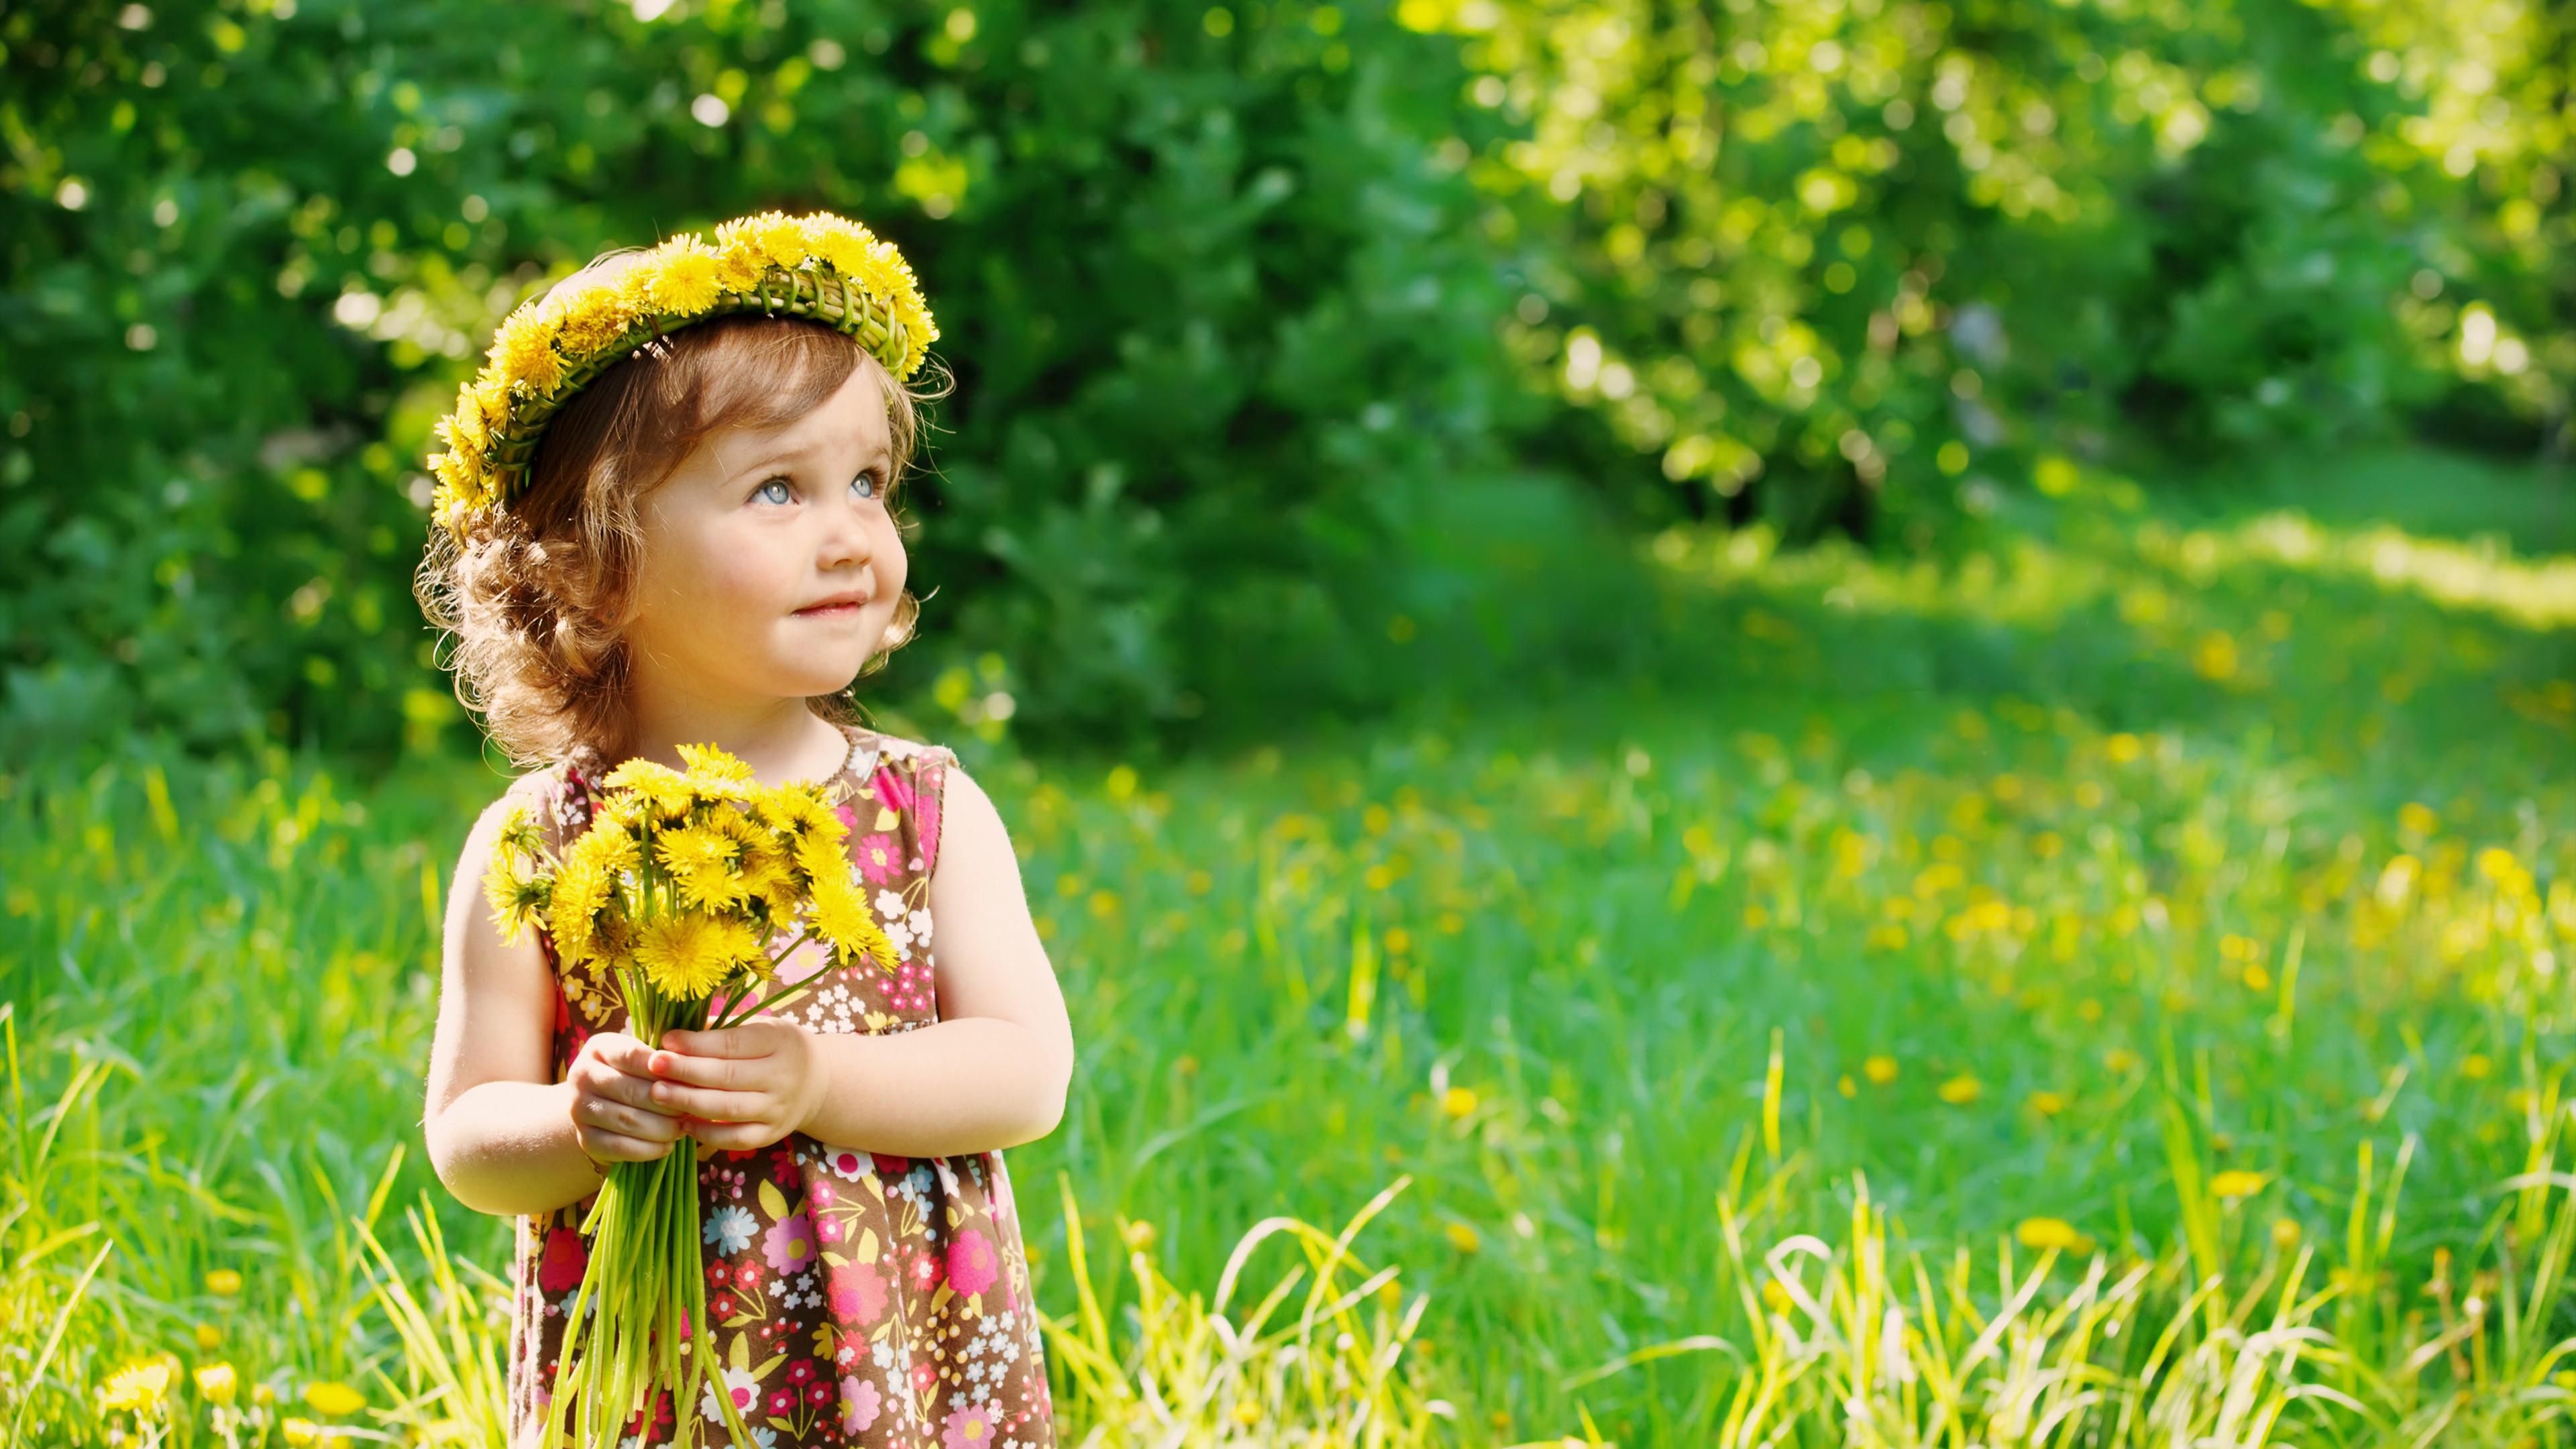 Очаровательная голубоглазая девочка с букетом желтых цветов и короной  в весеннем лесу